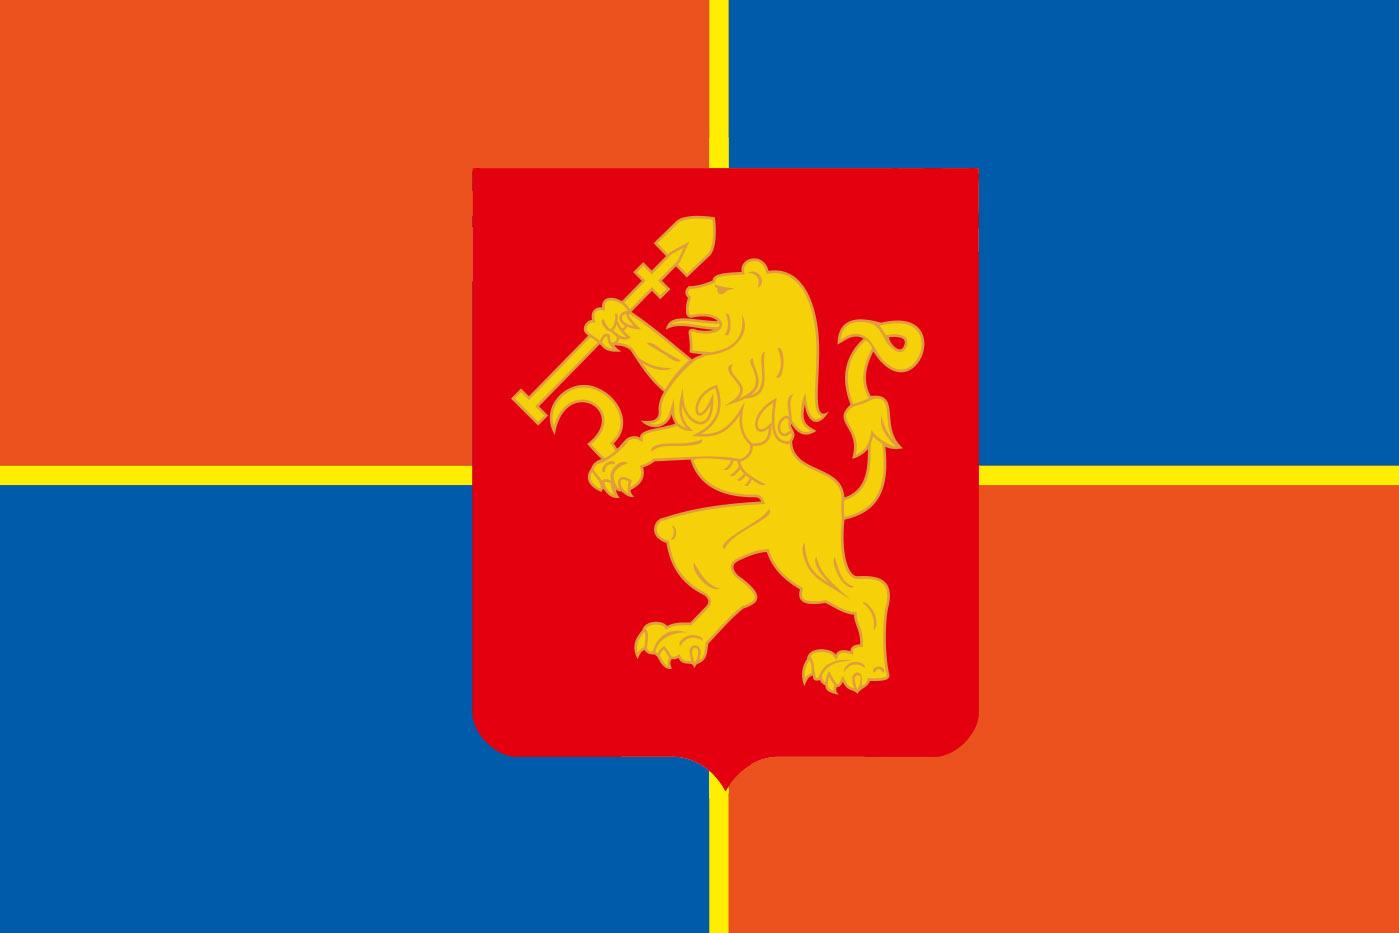 Флаг Красноярска 2004 года